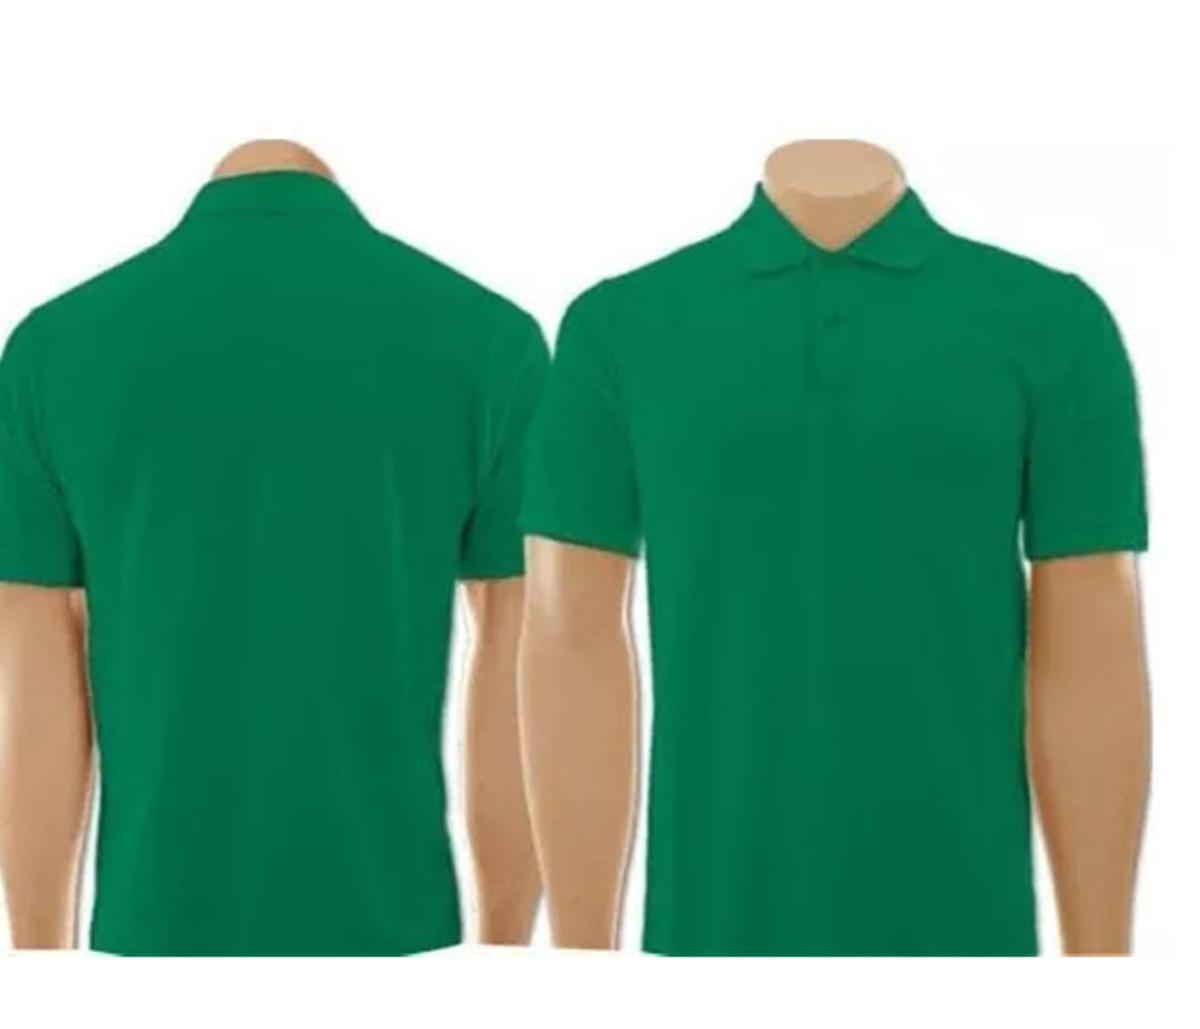 33160af927 Camiseta Gola Polo Verde Bandeira Masculino no Elo7